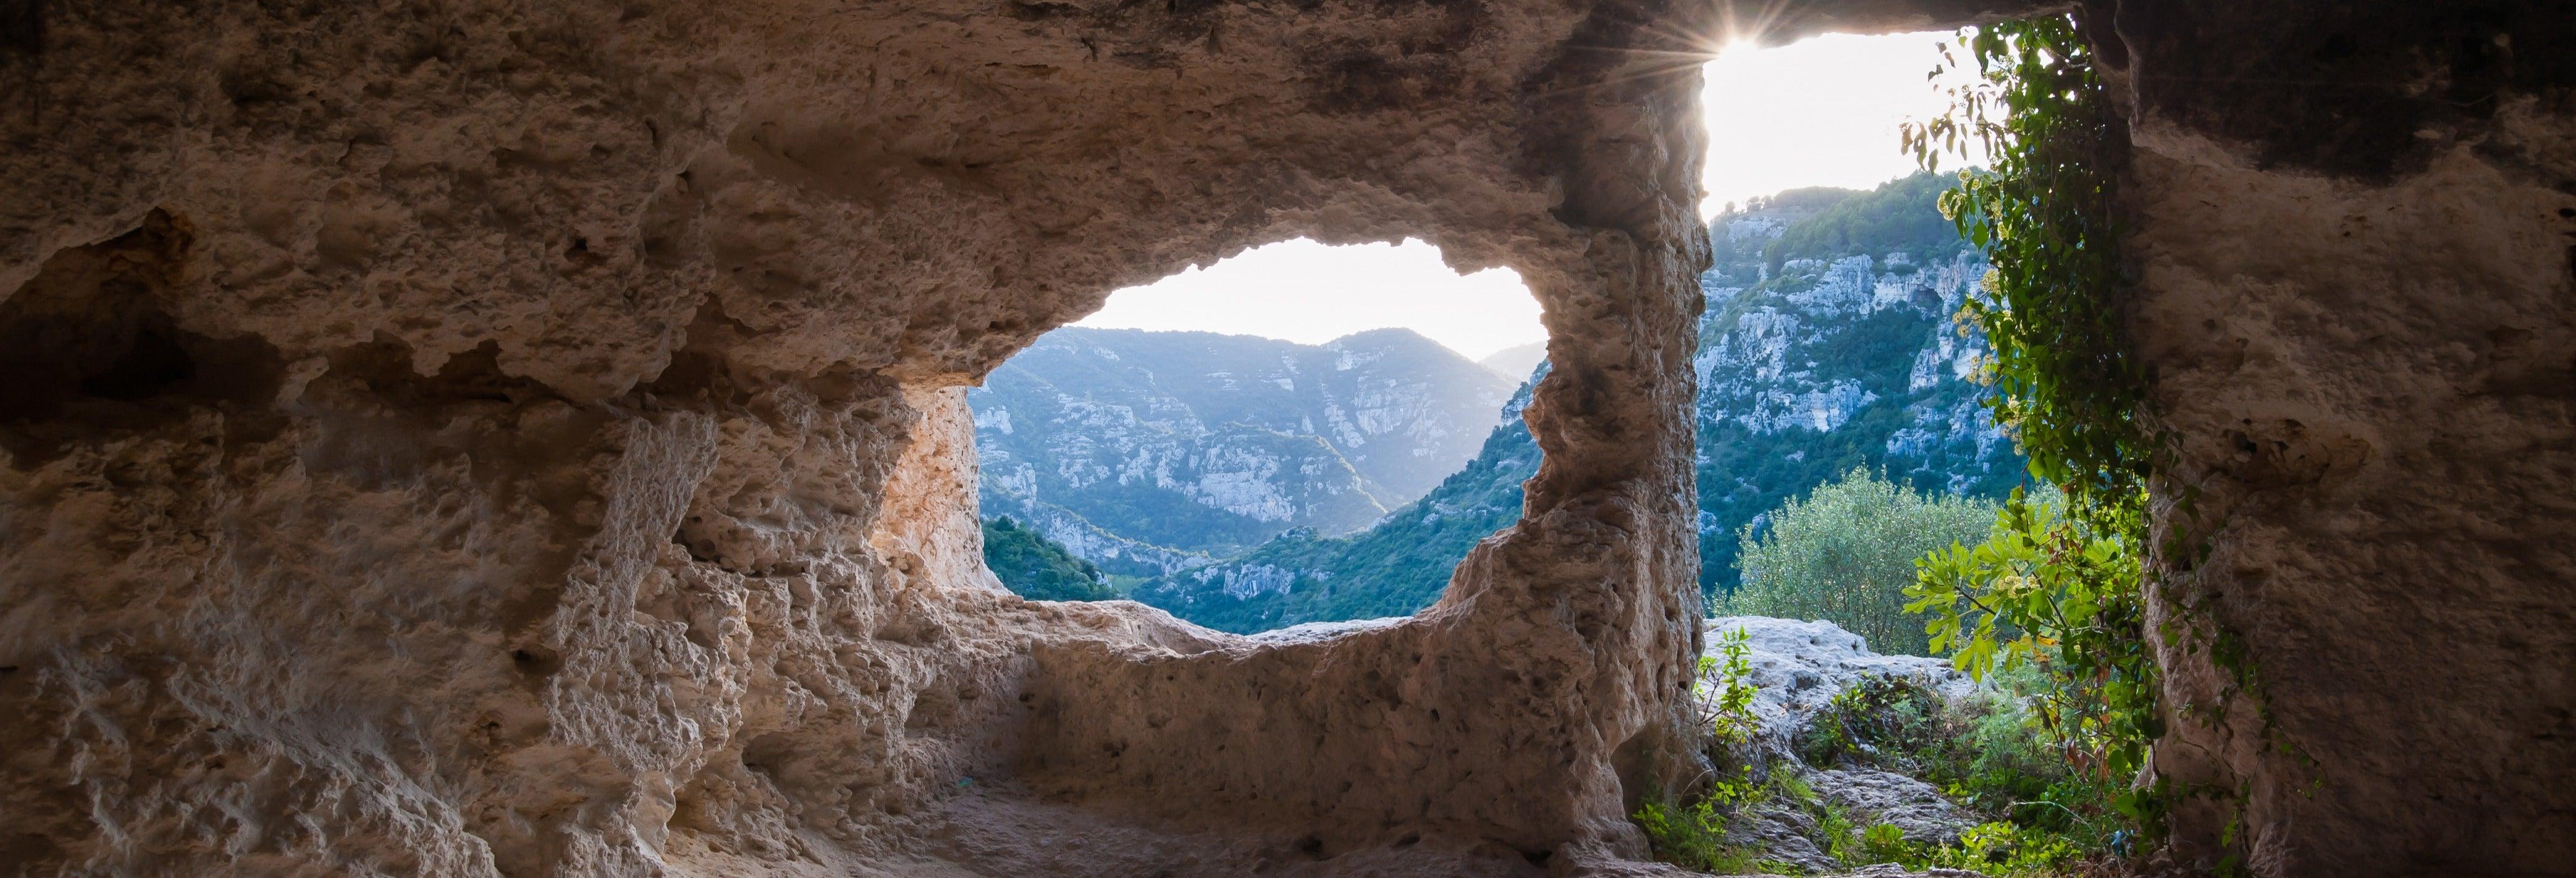 Tour por la Reserva Natural de Pantalica